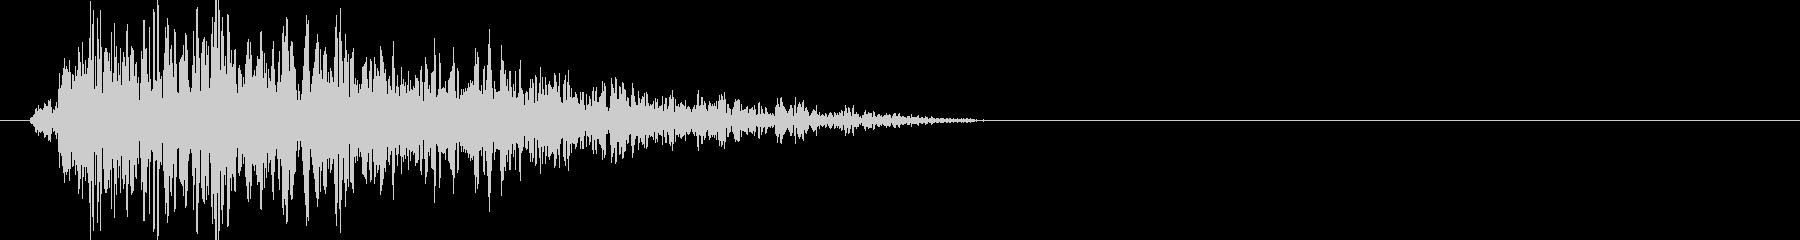 爆発_Hit06の未再生の波形